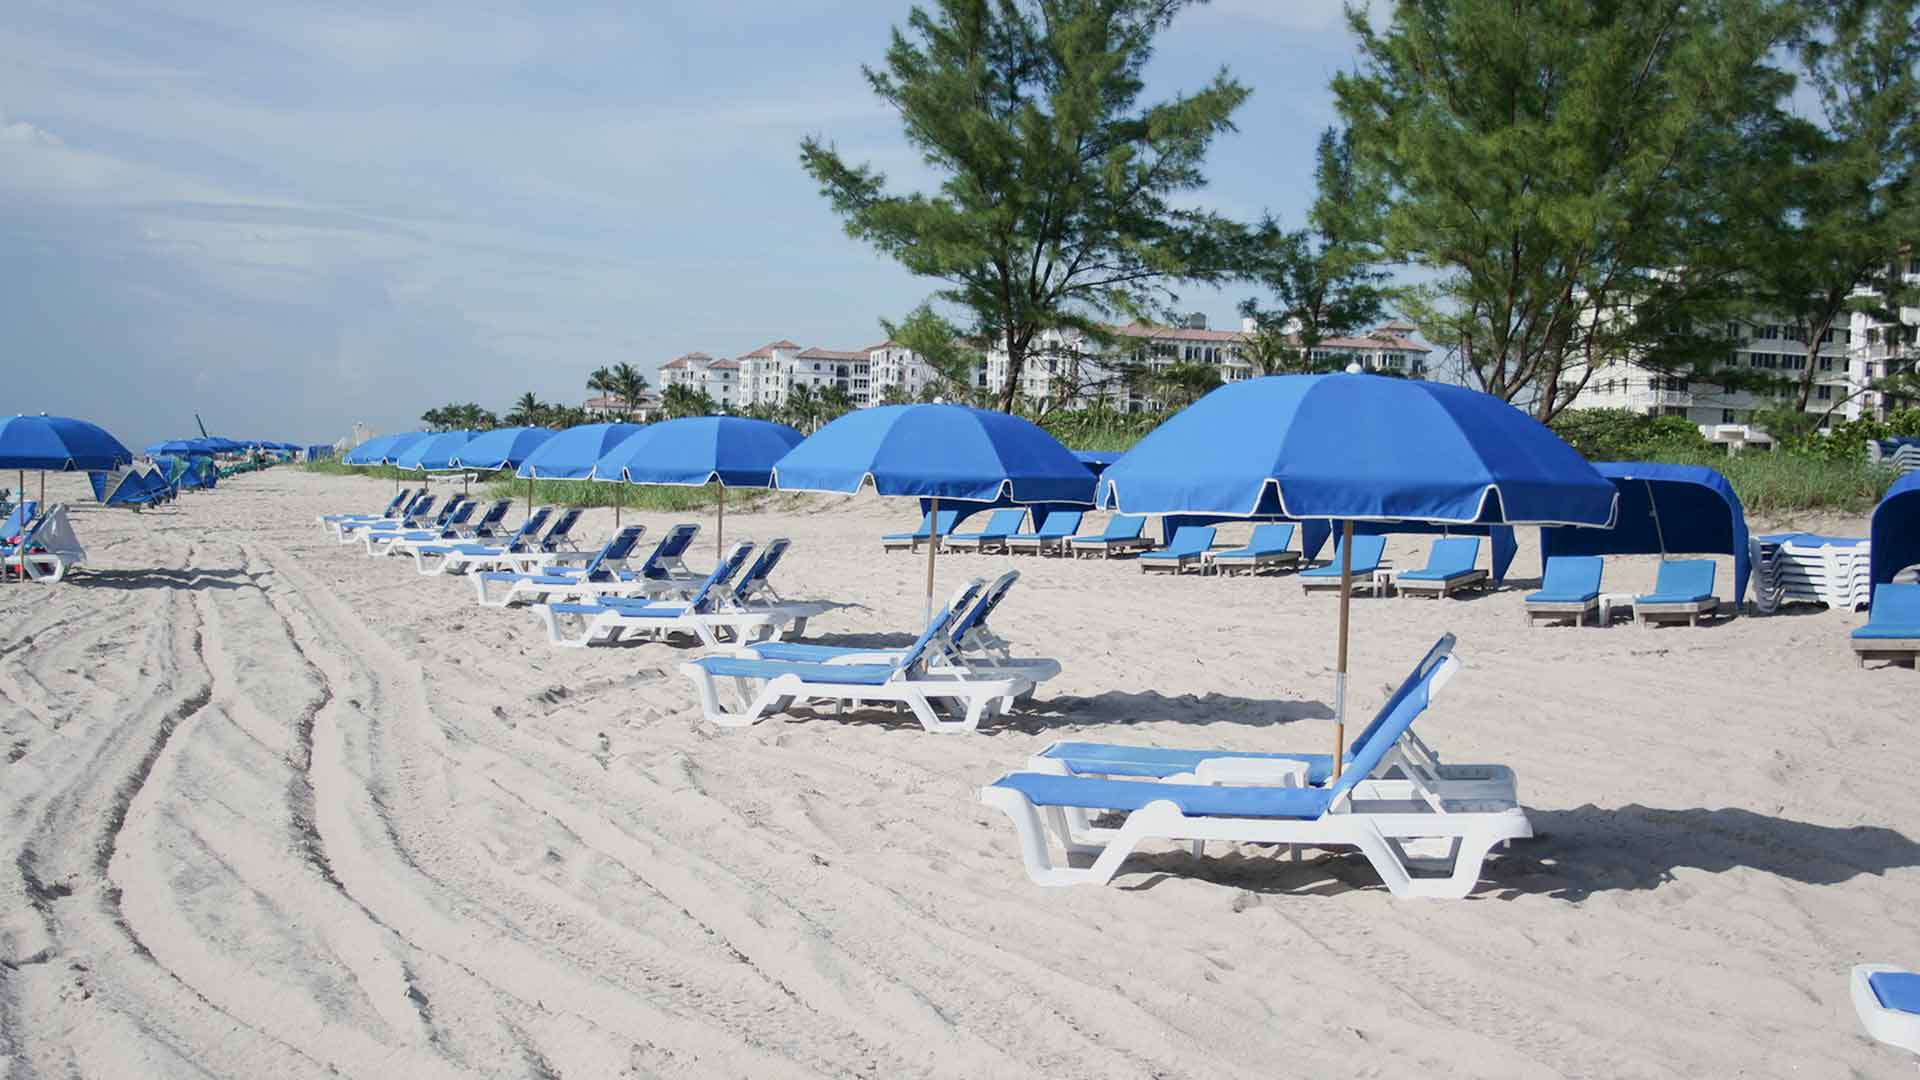 Blue beach chairs on Palm Beach resort